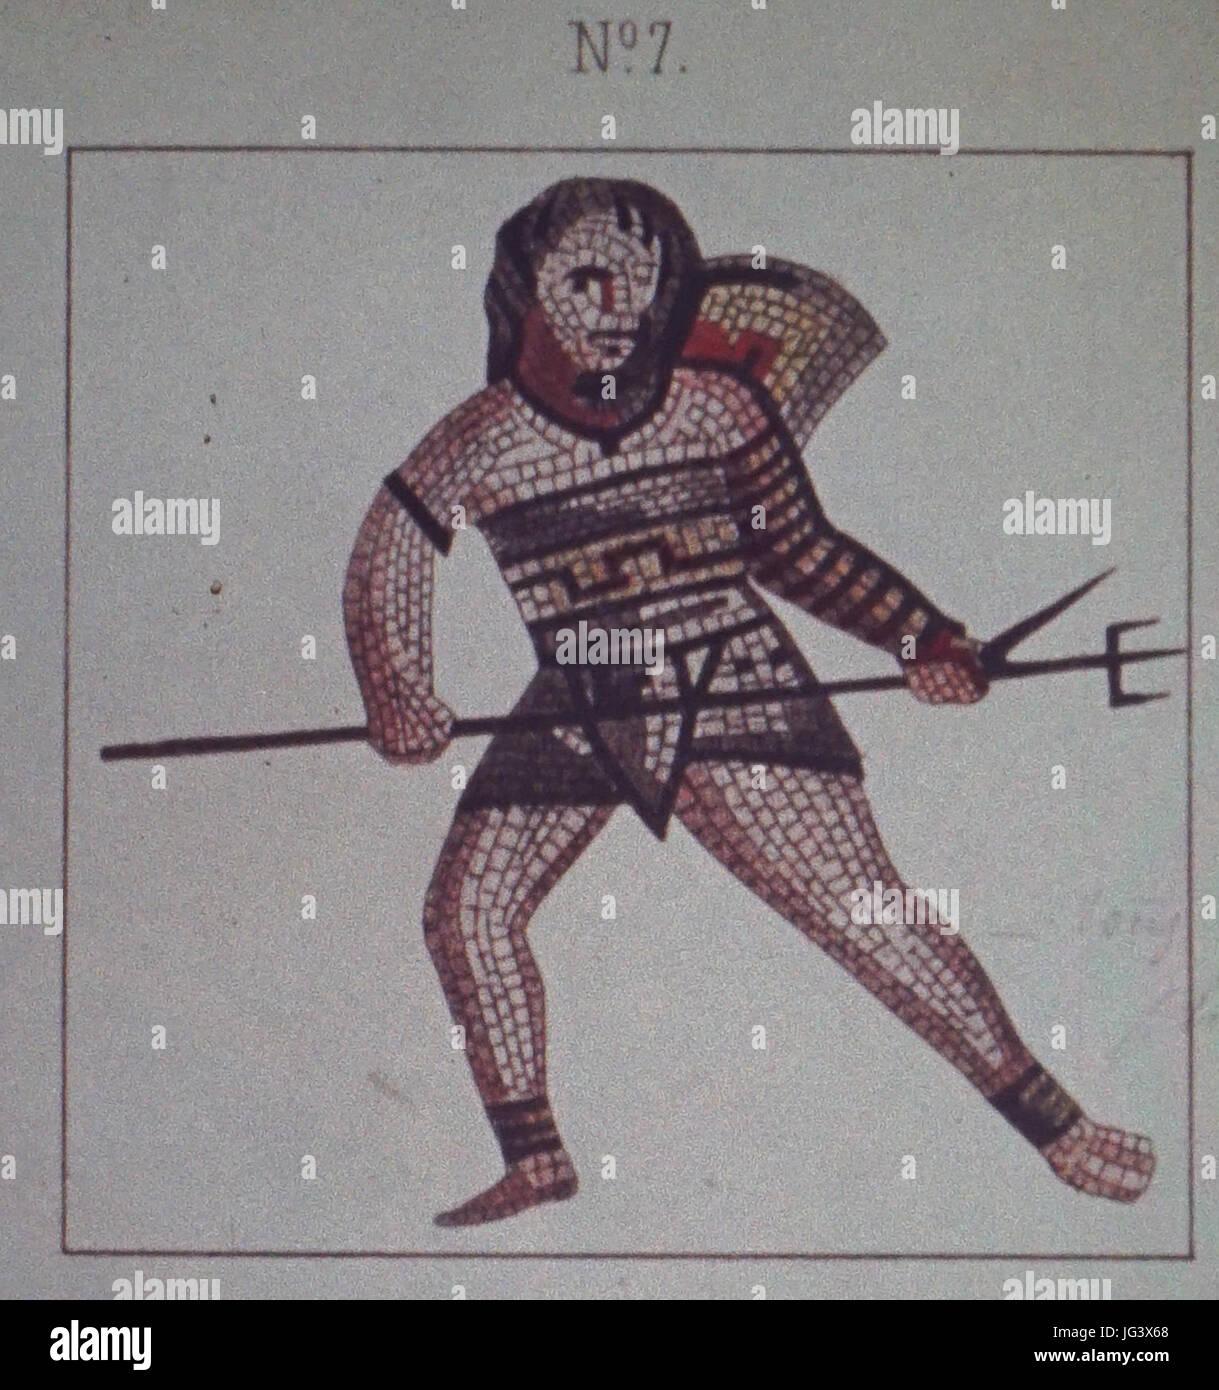 Mosaique N°7 jeux du cirque des promenades - Stock Image